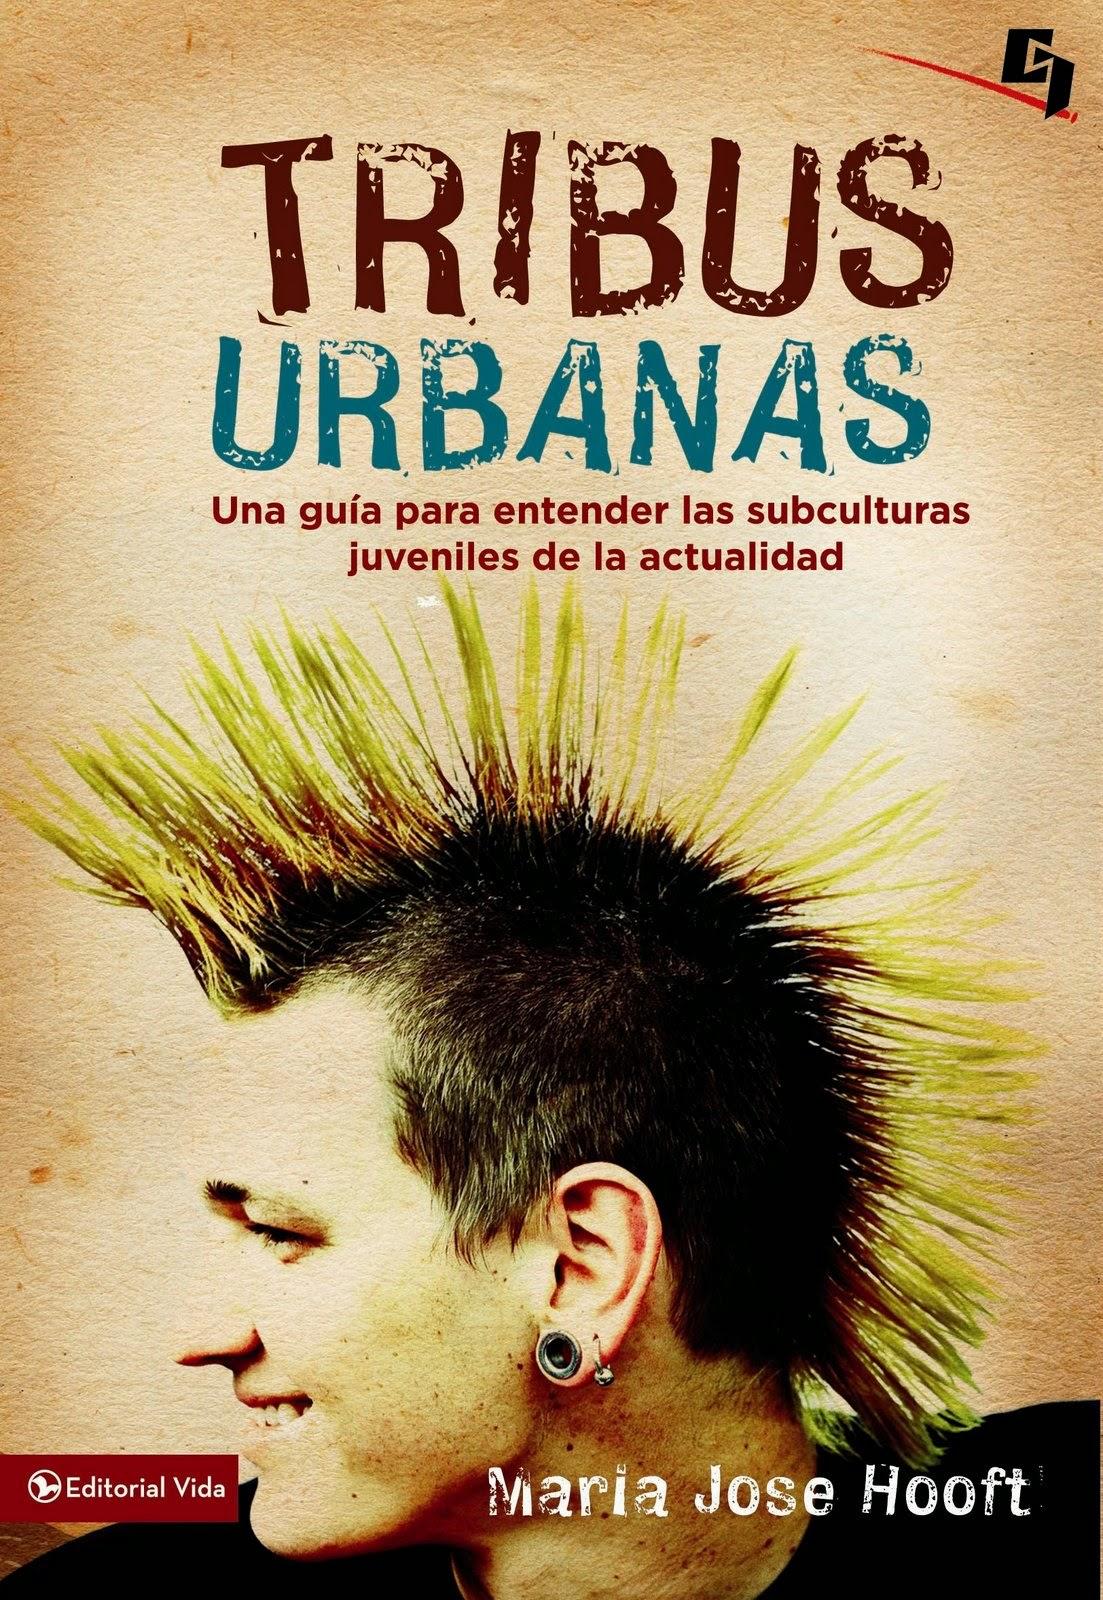 María José Hooft-Tribus Urbanas-